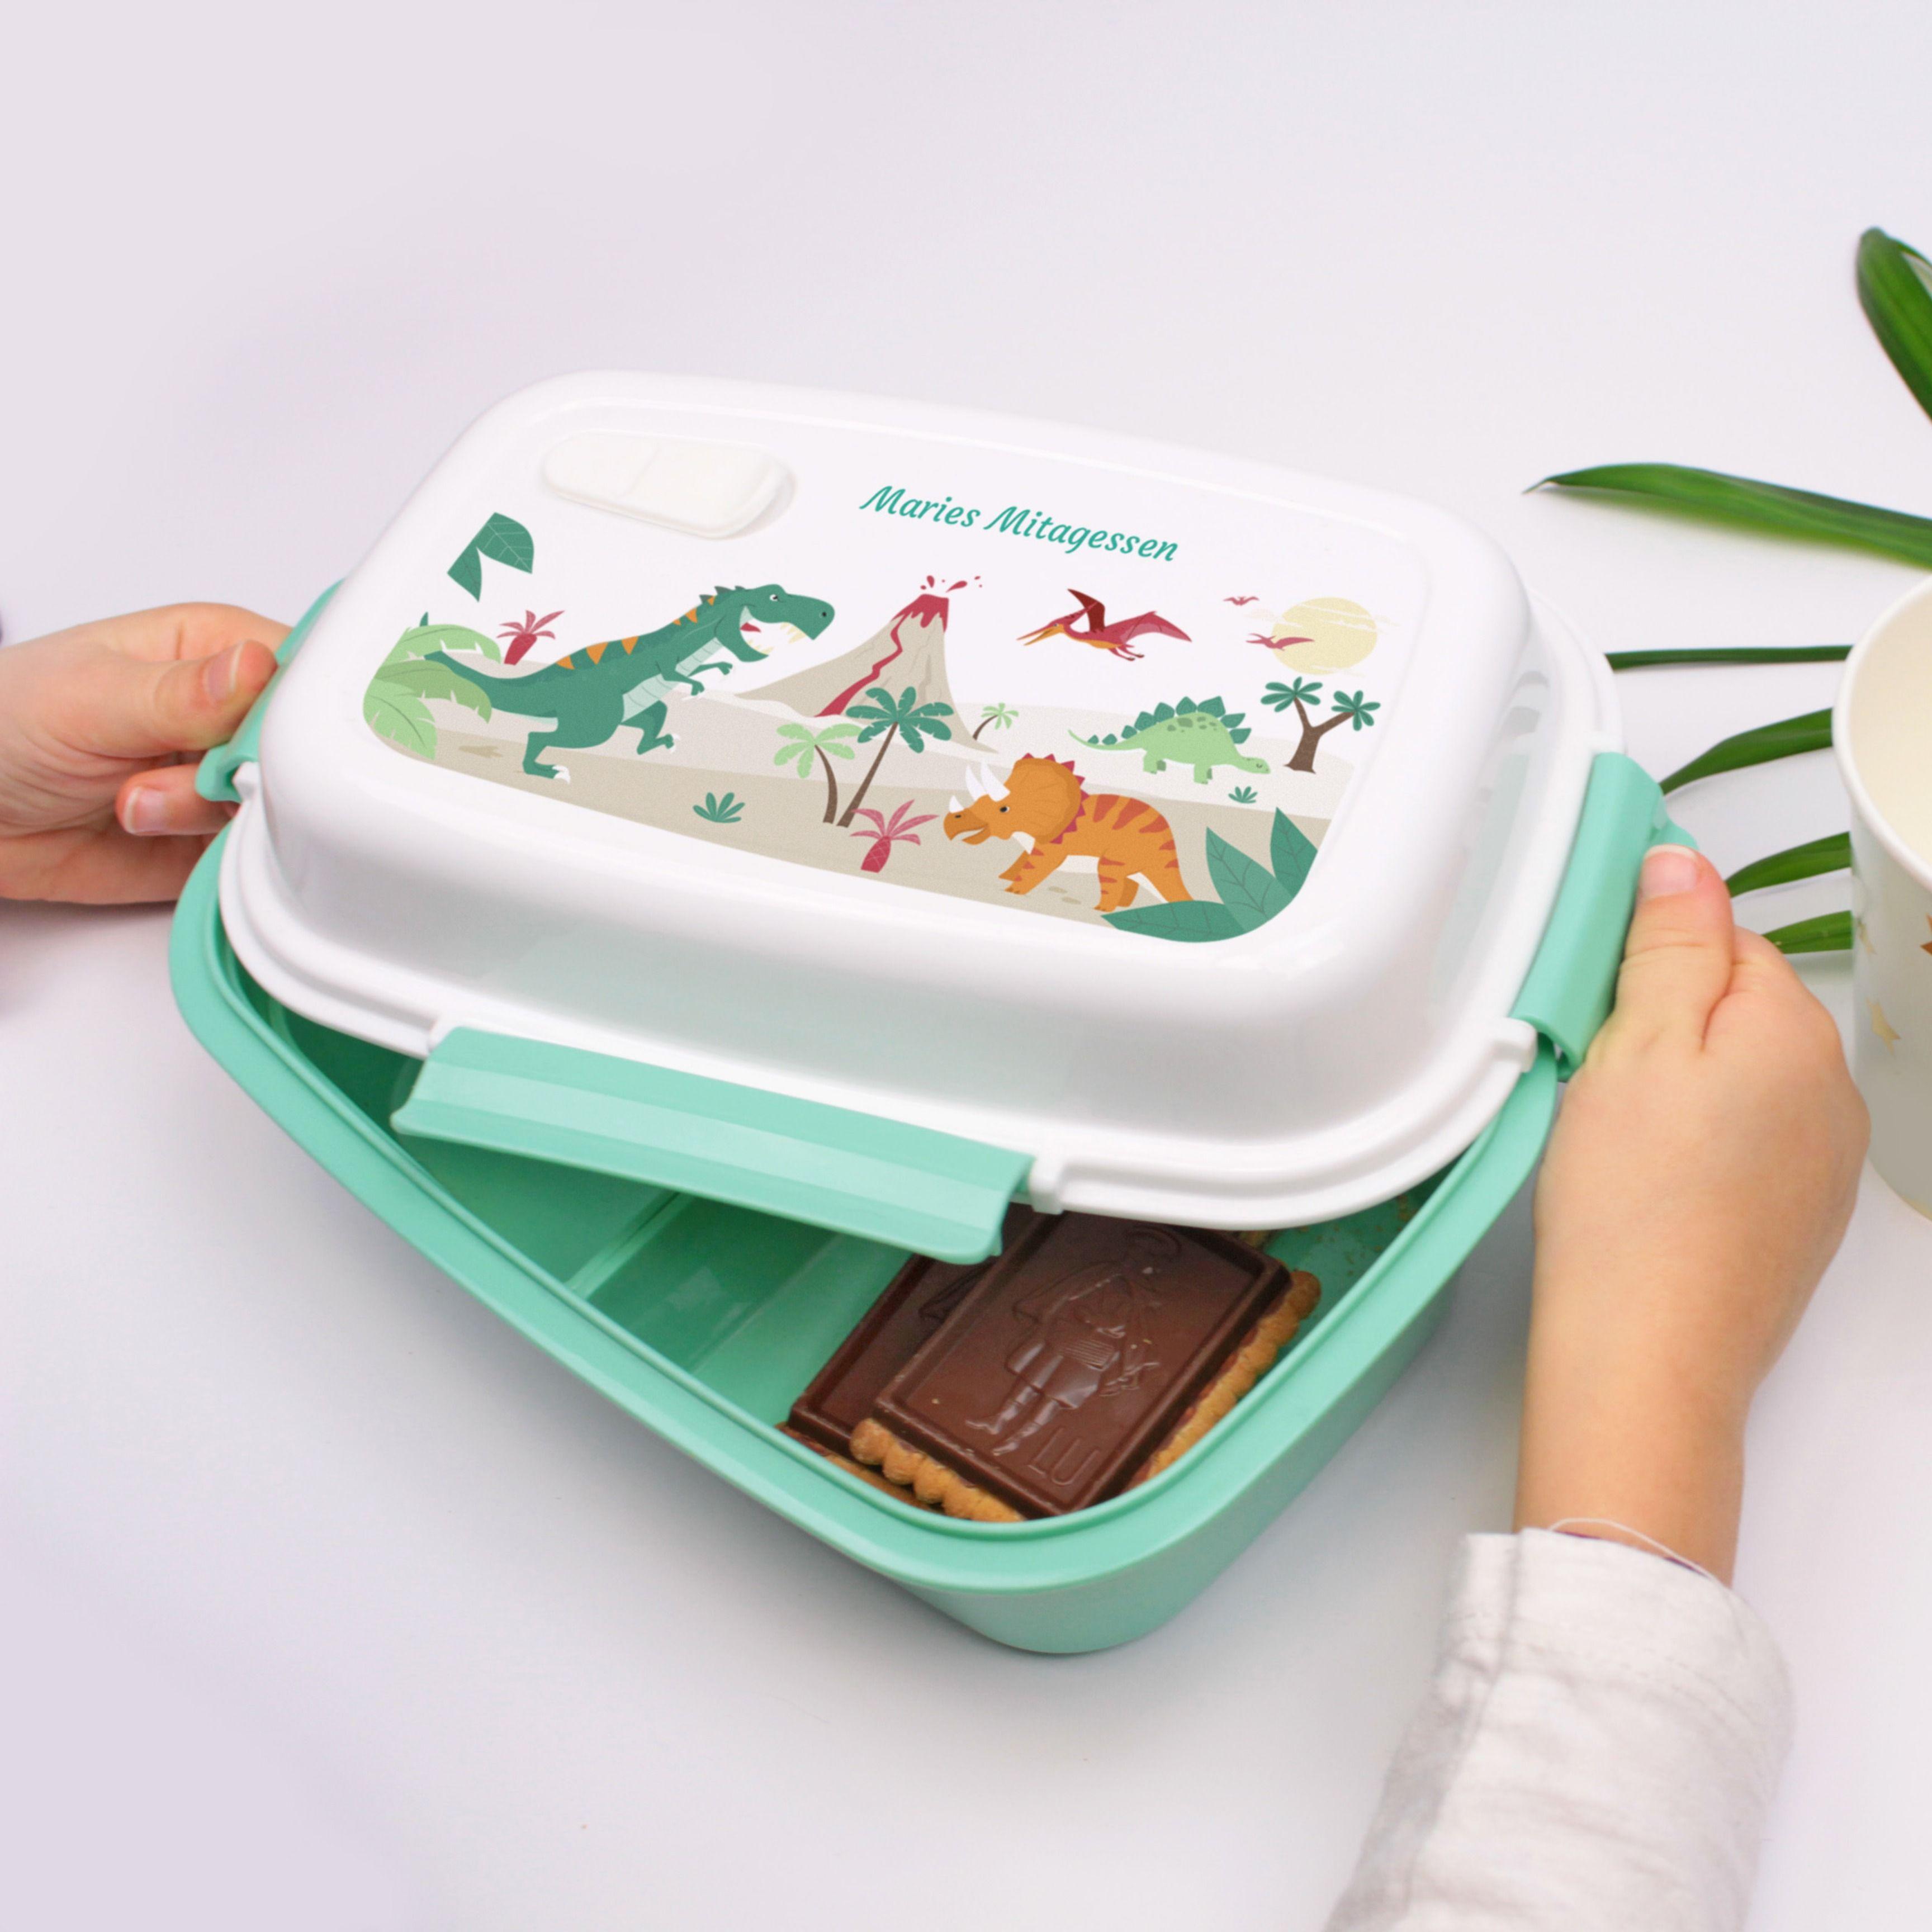 Personalisierte Brotdose Dinosaurier  – Unsere personalisierten Brotdosen ohne BPA